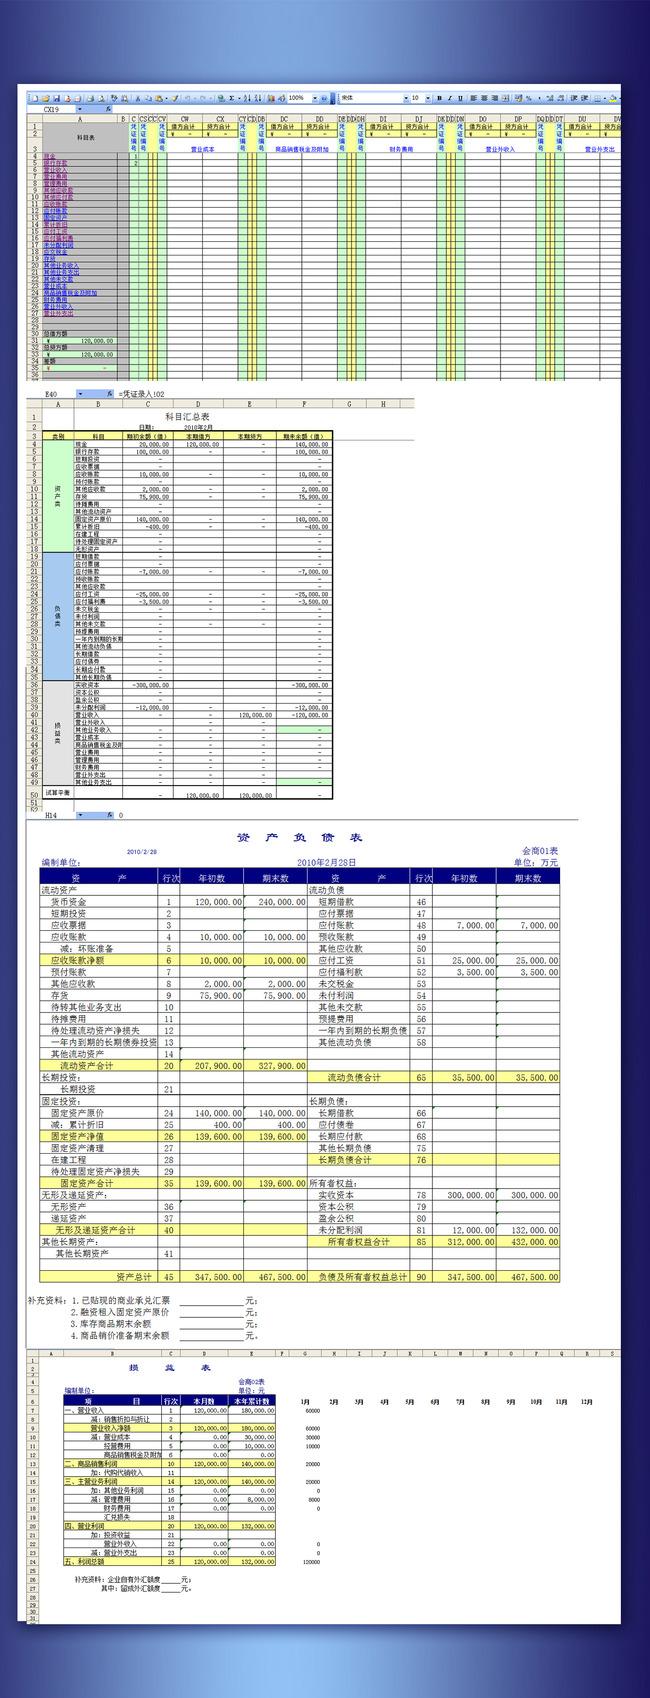 财务报表 excel excel表格 excel模板 excel模版 xls格式 会计报表